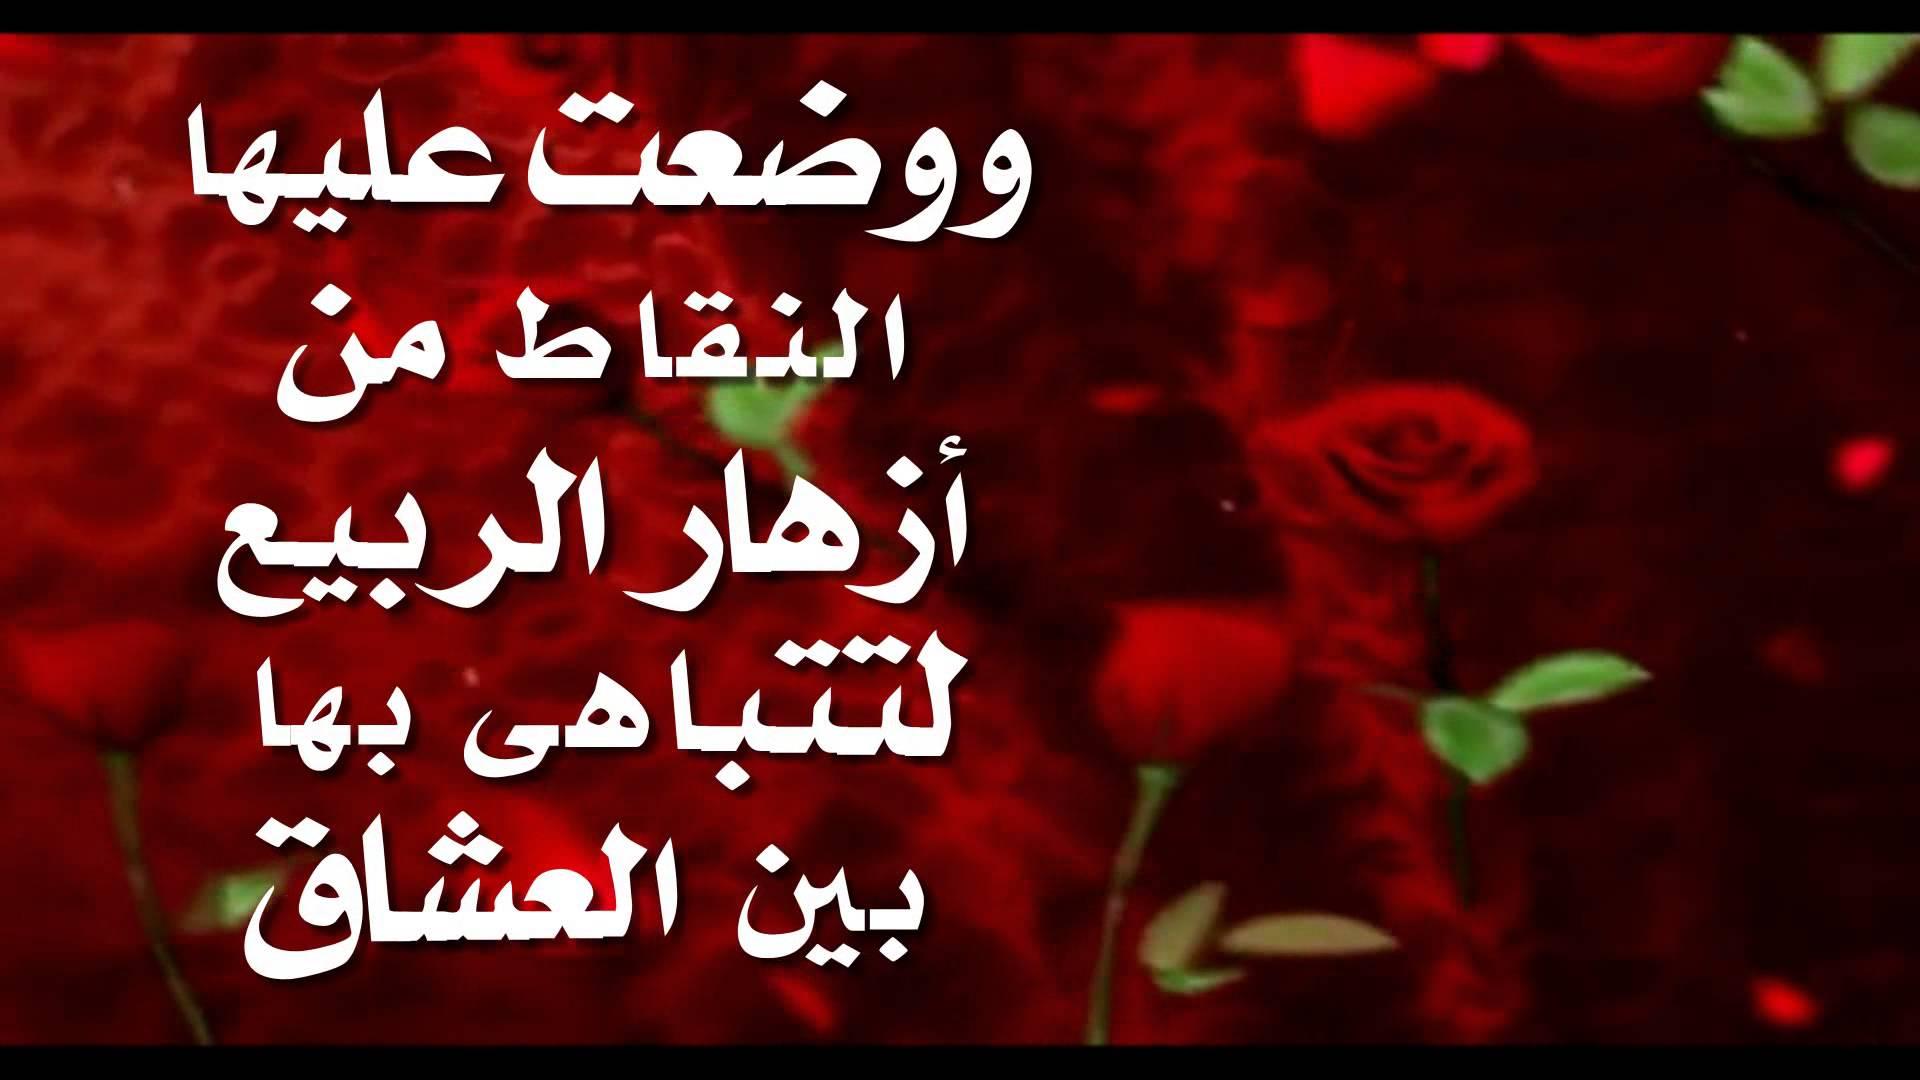 بالصور اجمل رسالة حب , كلمات ستجعل حبيبك يموت فيك 3592 12